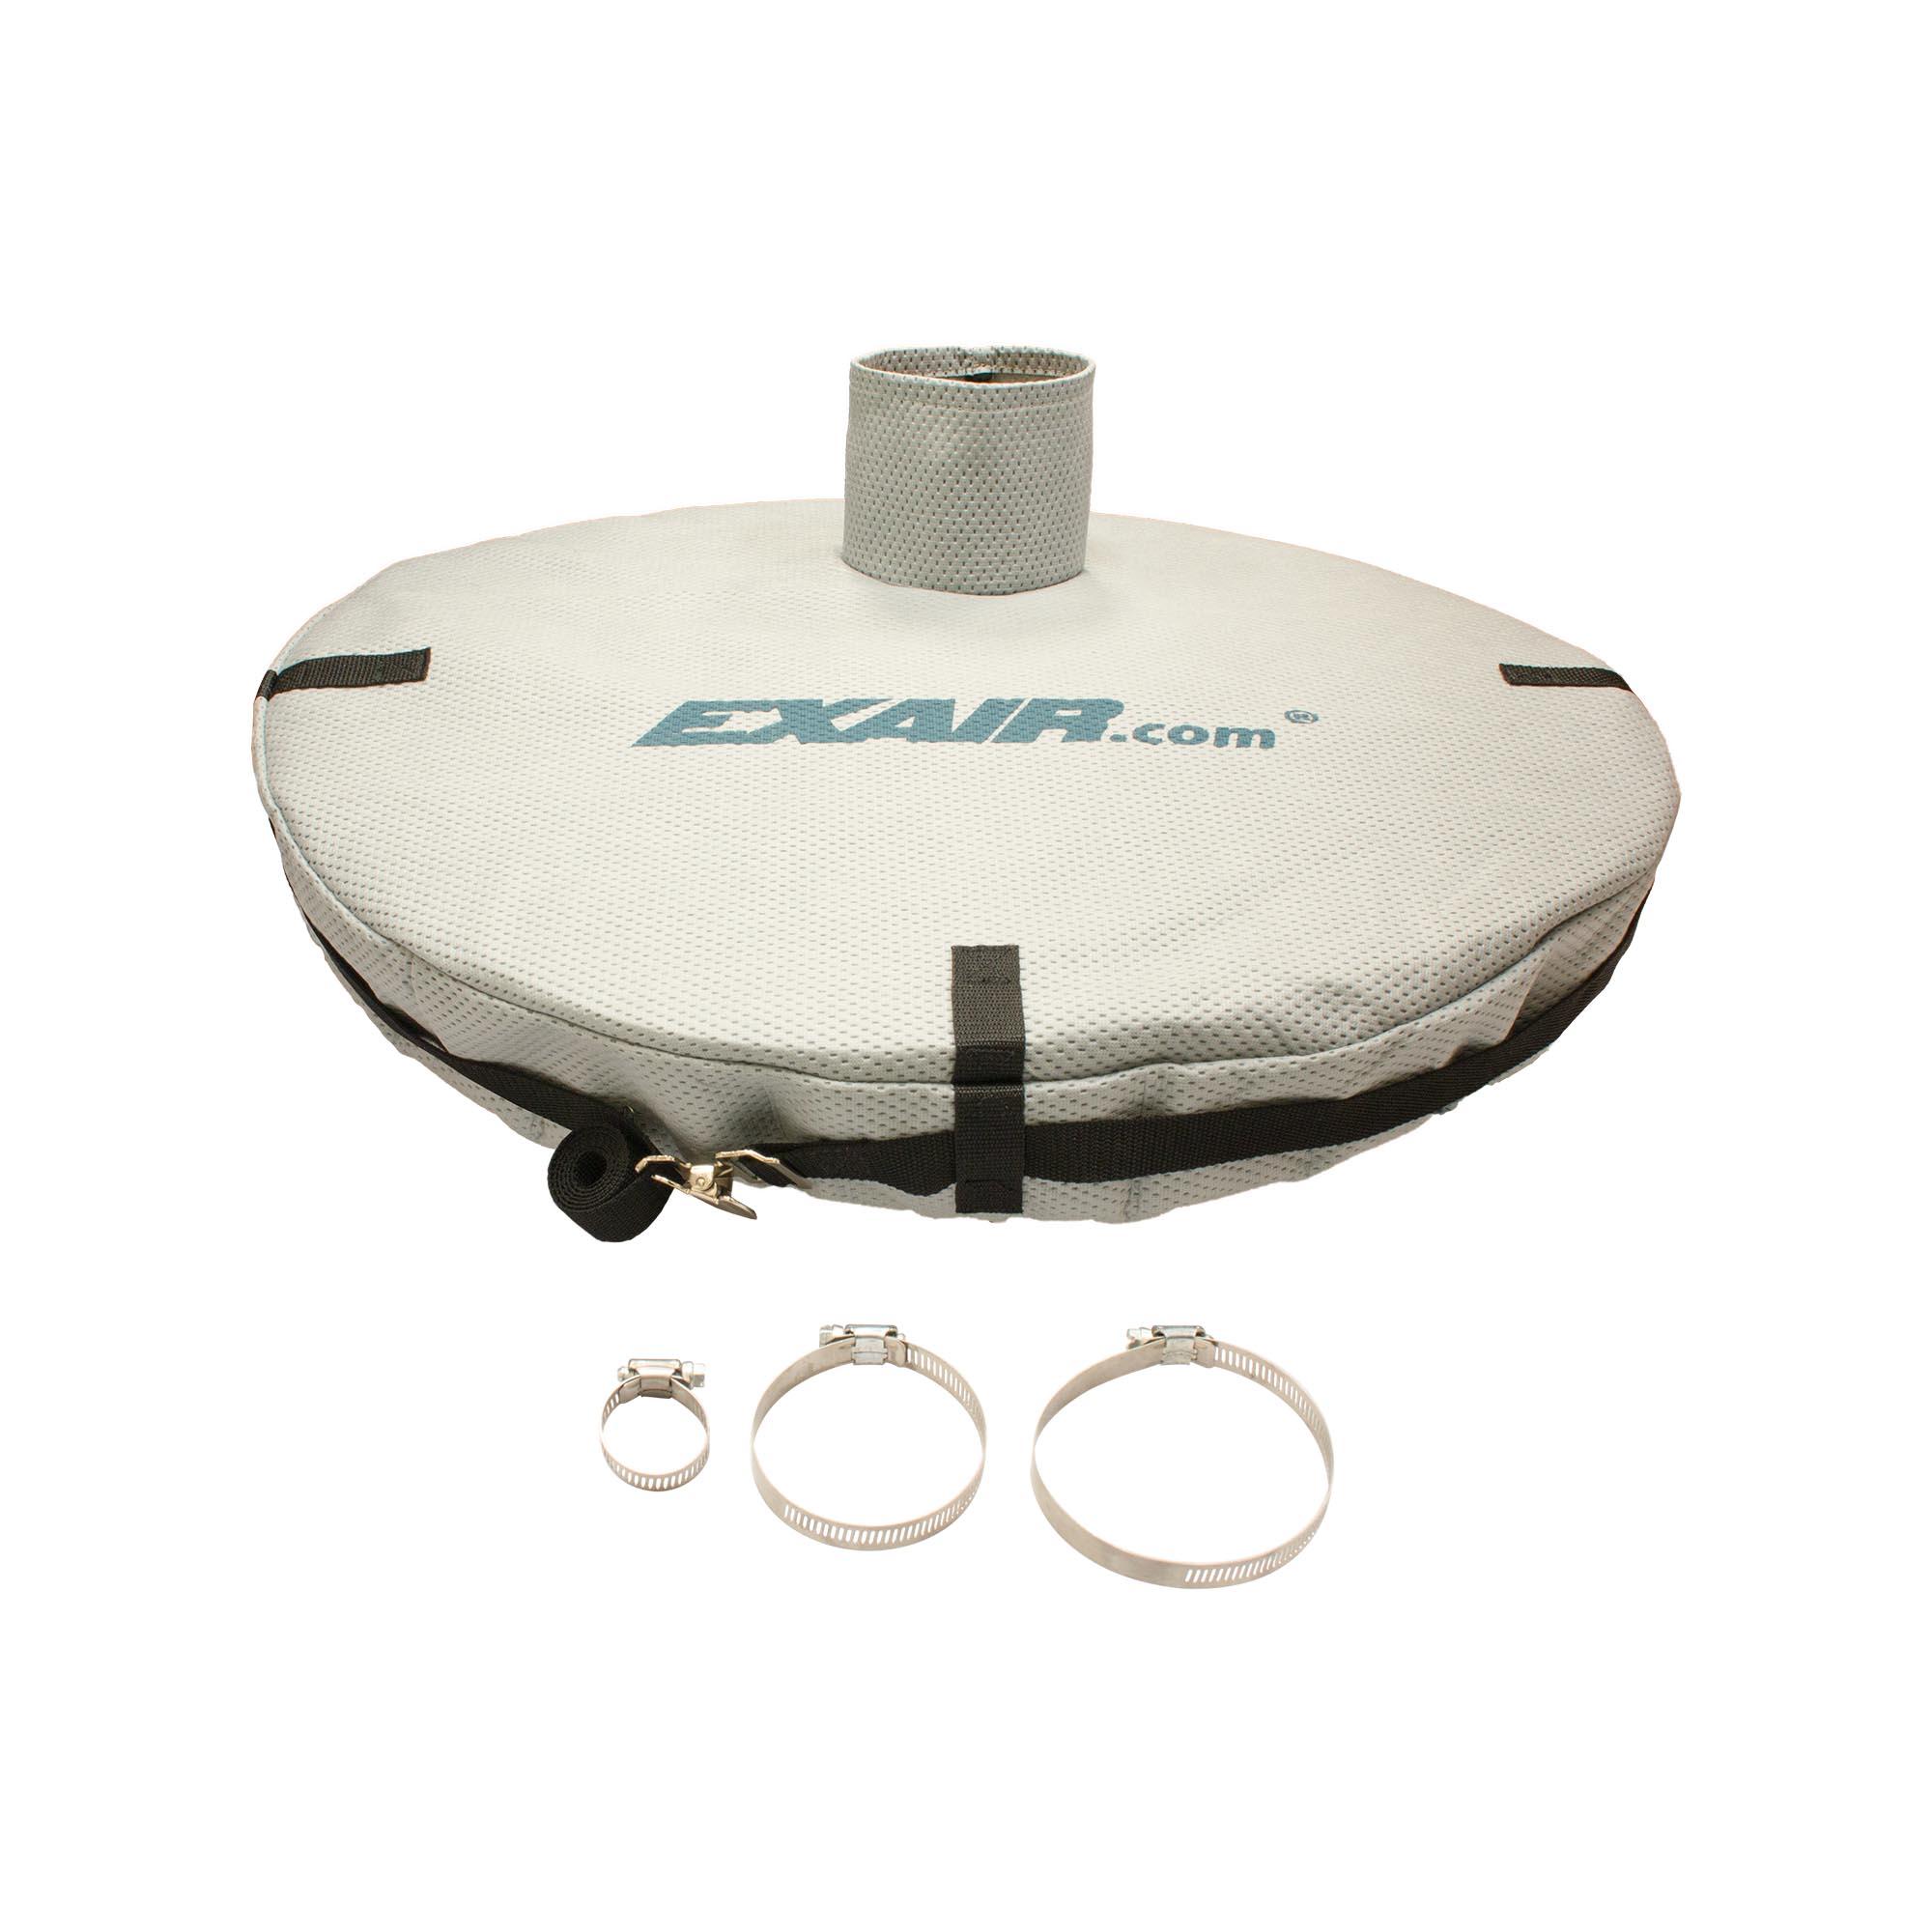 Model 6850 Drum Cover